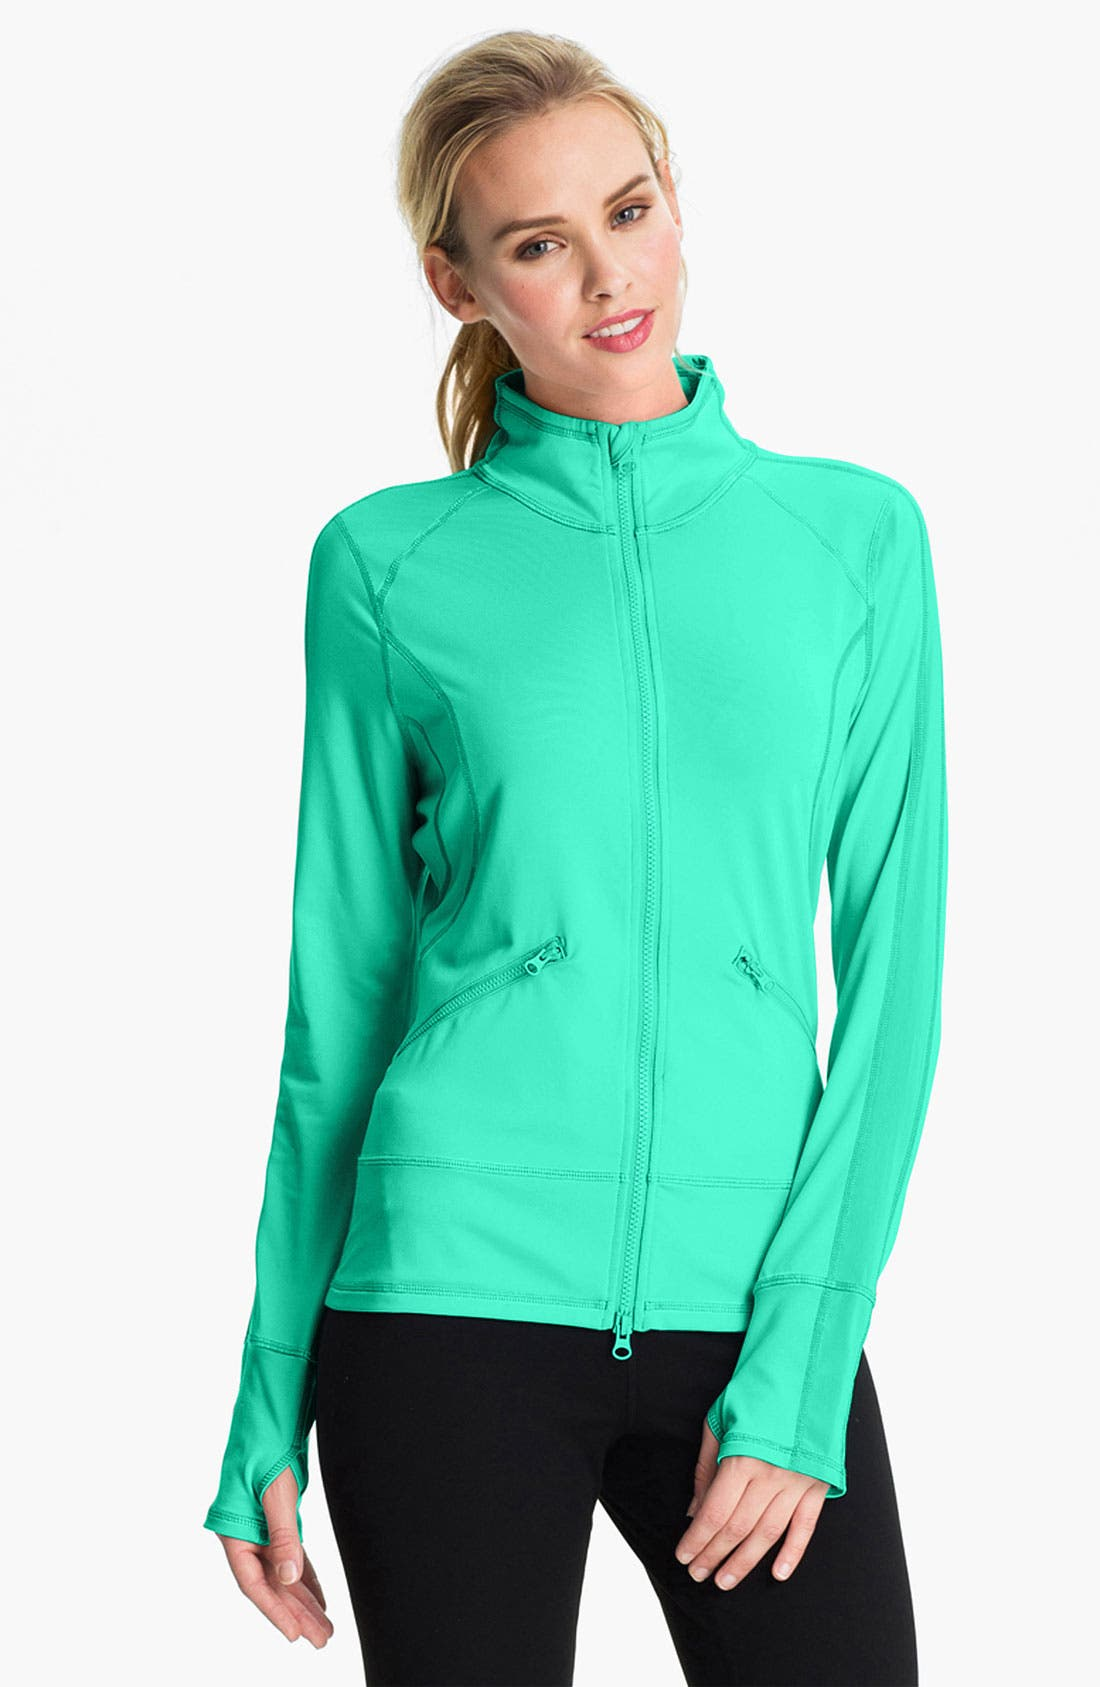 Main Image - Zella 'Streamline' Jacket